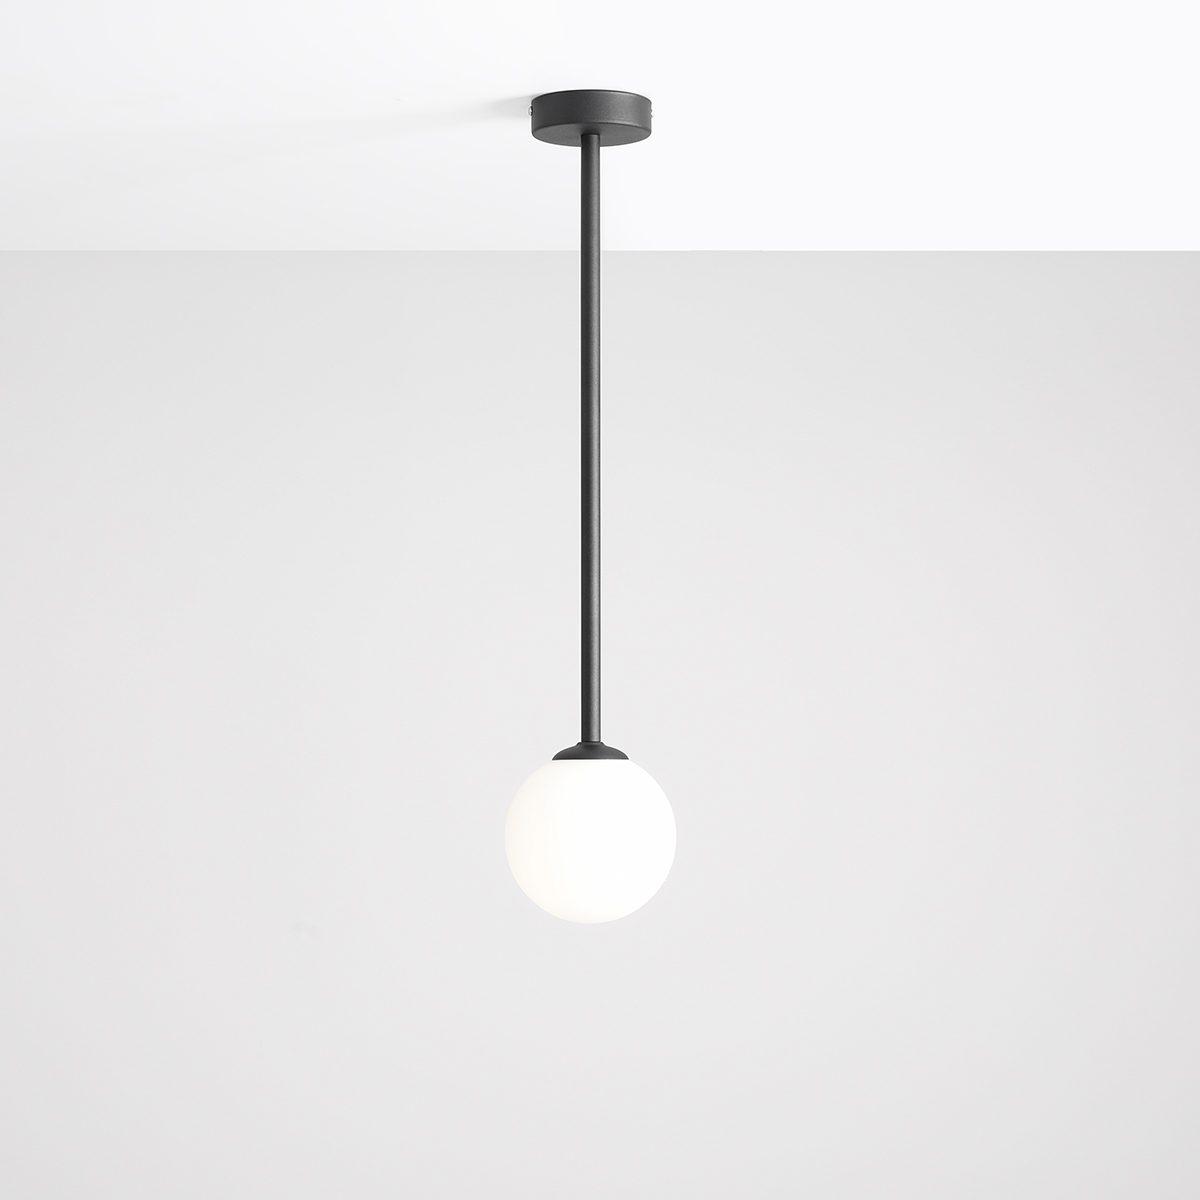 modna-lampa-sufitowa-do-minimalistycznego-wnetrza